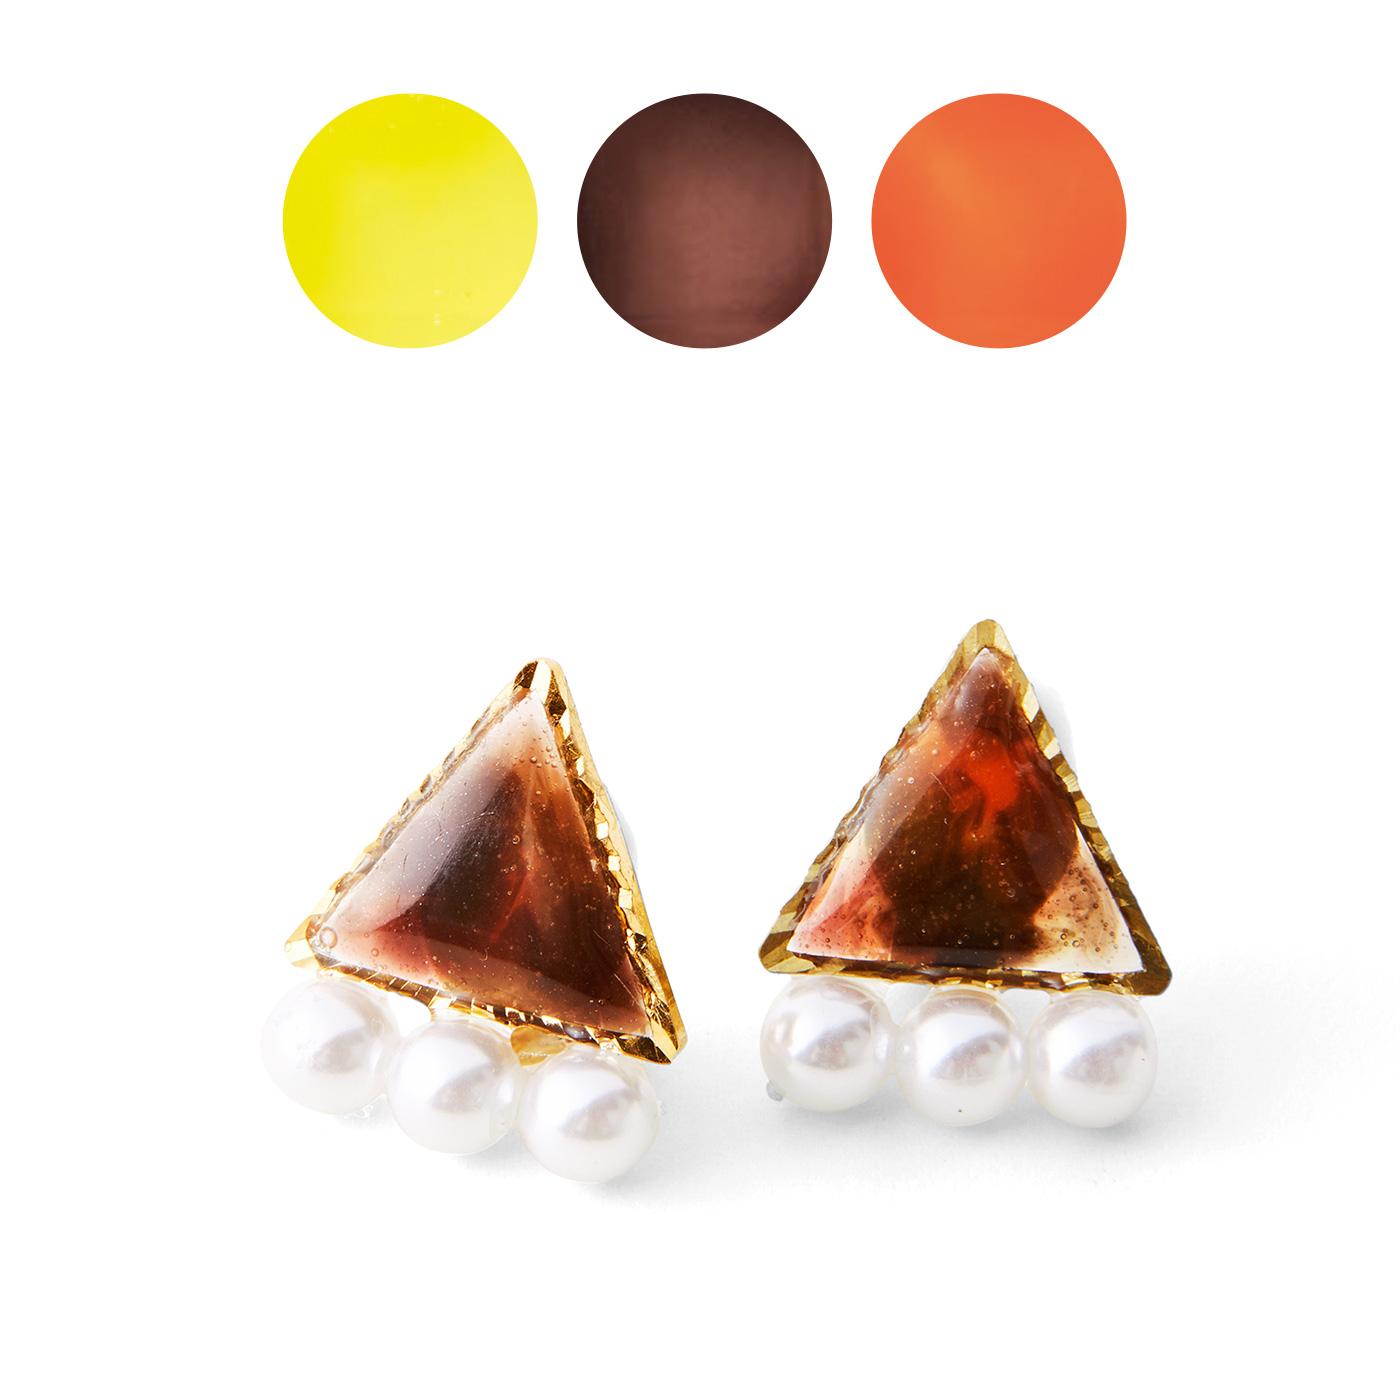 アースカラー〈イエロー〉〈ブラウン〉〈オレンジ〉 べっ甲風アレンジ ※アレンジ作品例のチェーン・ブローチピン・ピアス金具はお届け内容に含まれません。